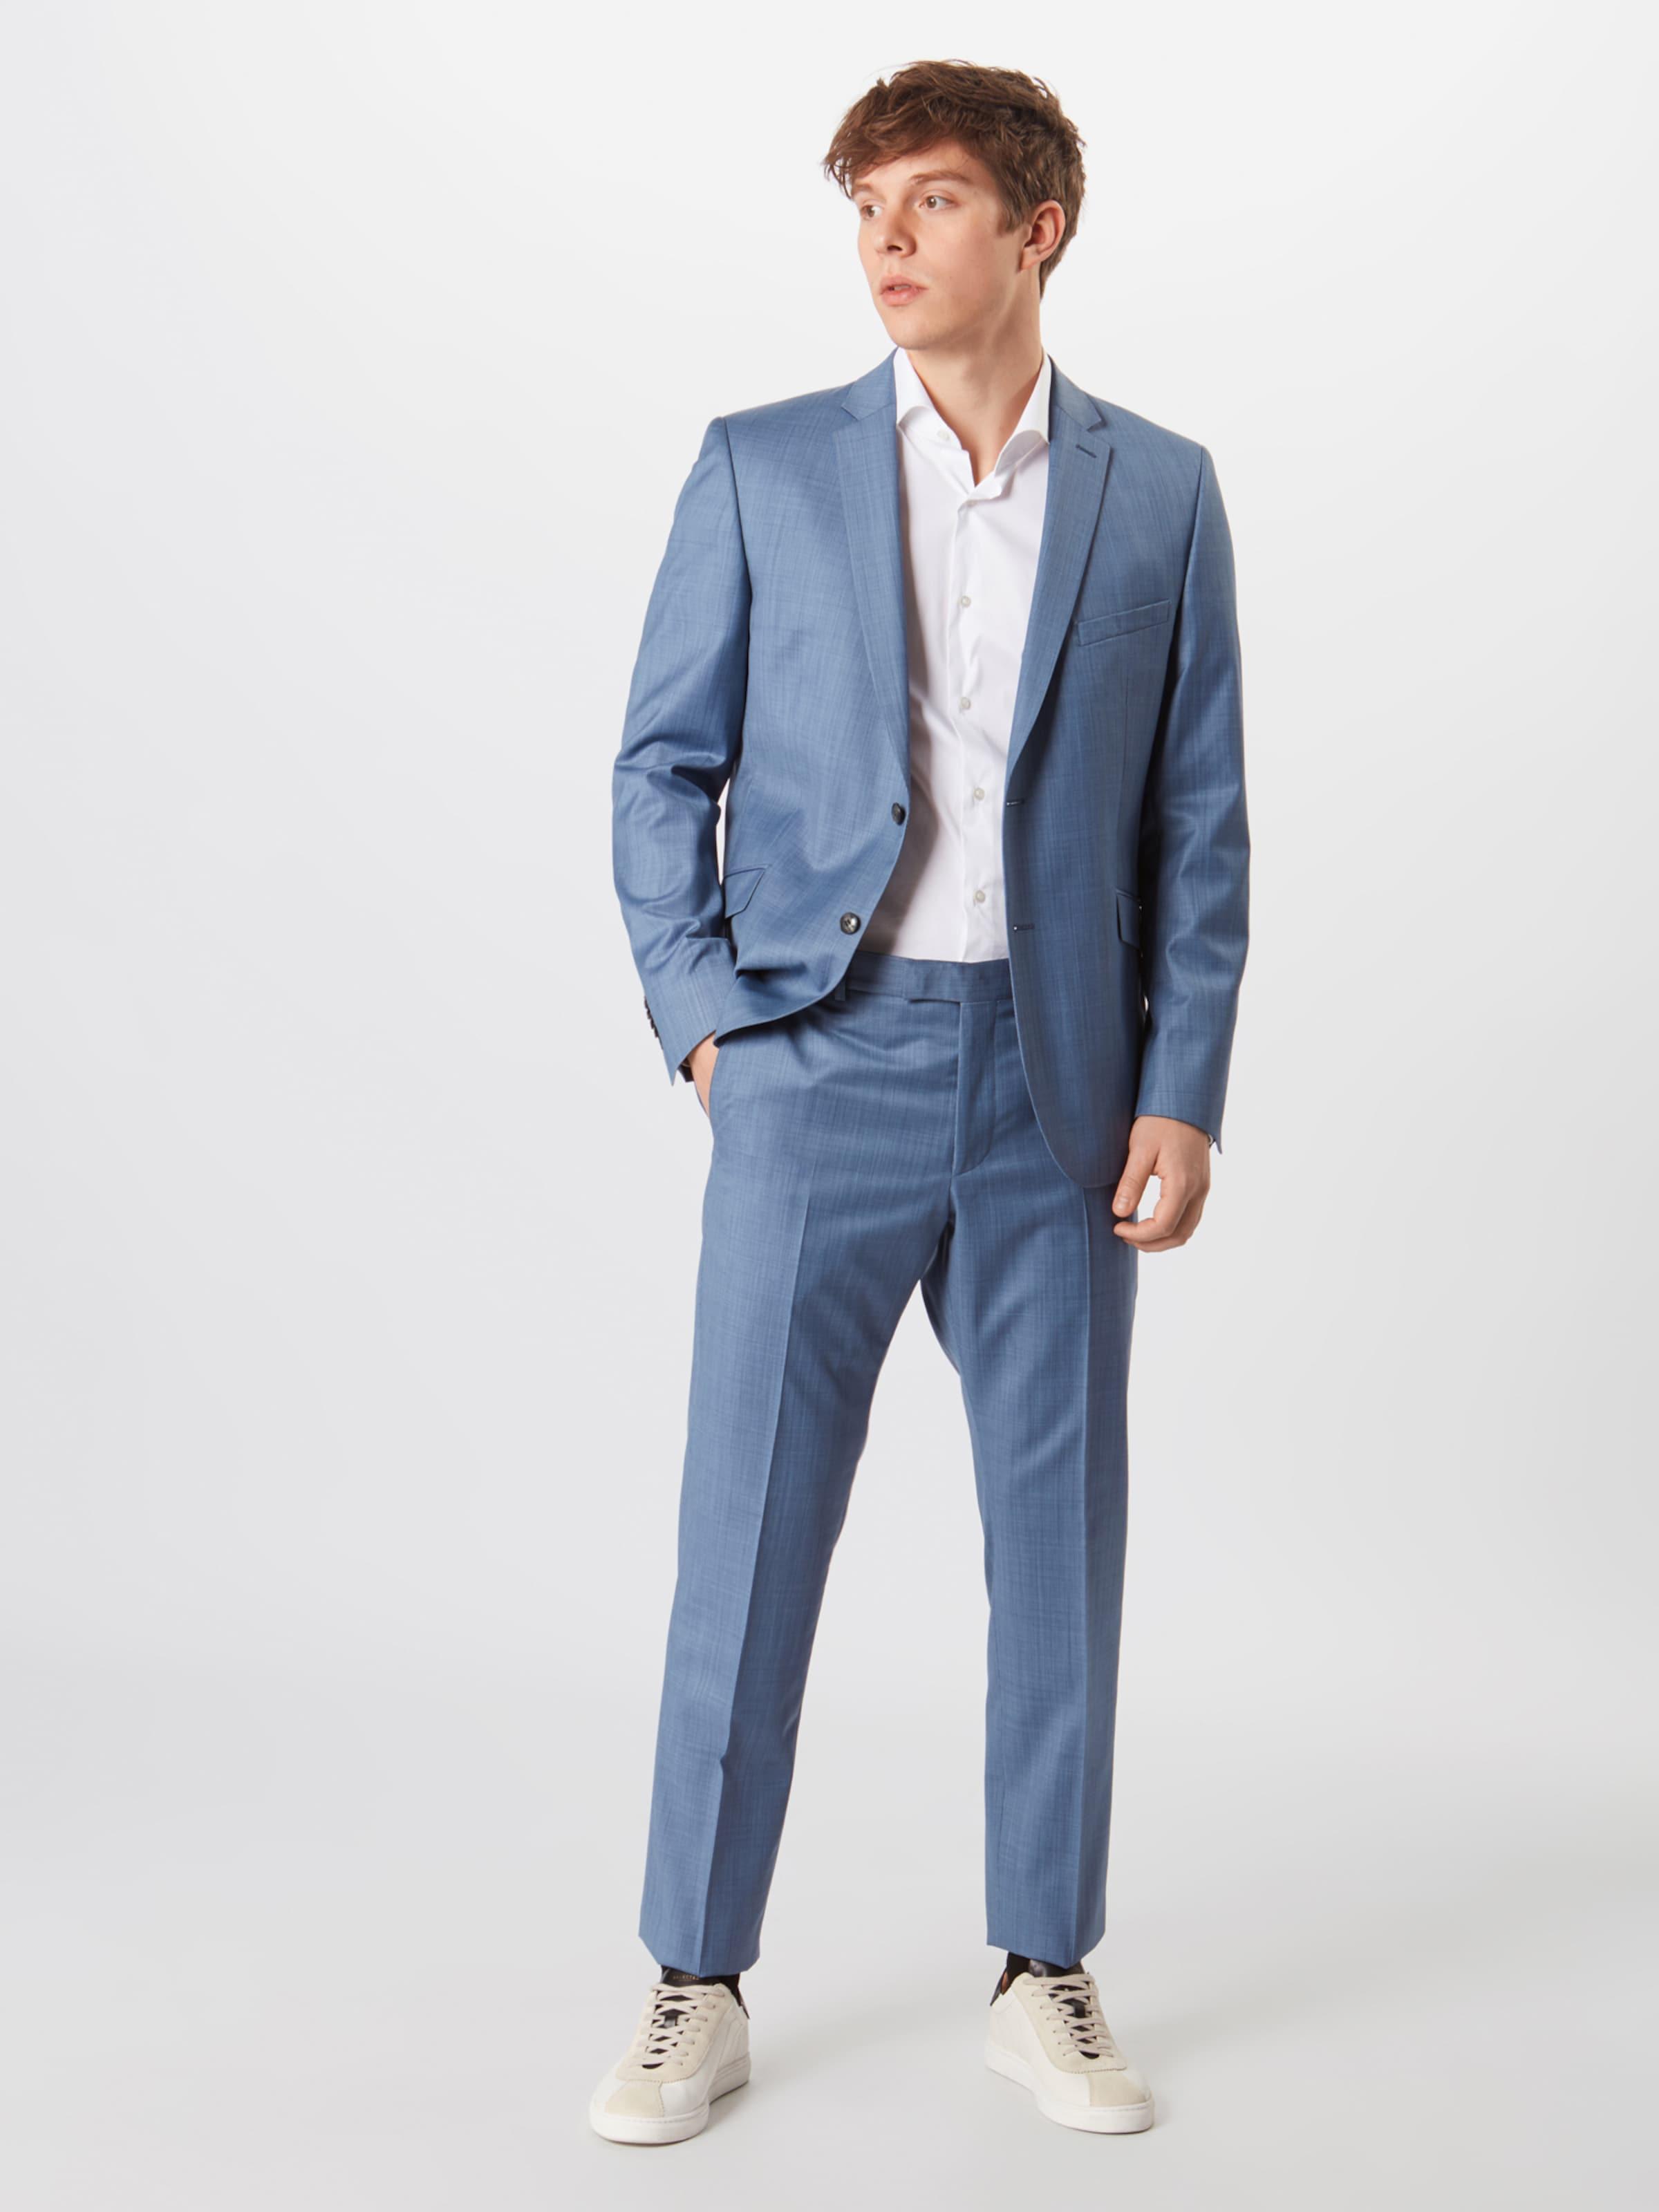 Strellson Anzug Anzug Blau Anzug Strellson In Blau Strellson Blau Strellson In In In Anzug D9IW2YHeE